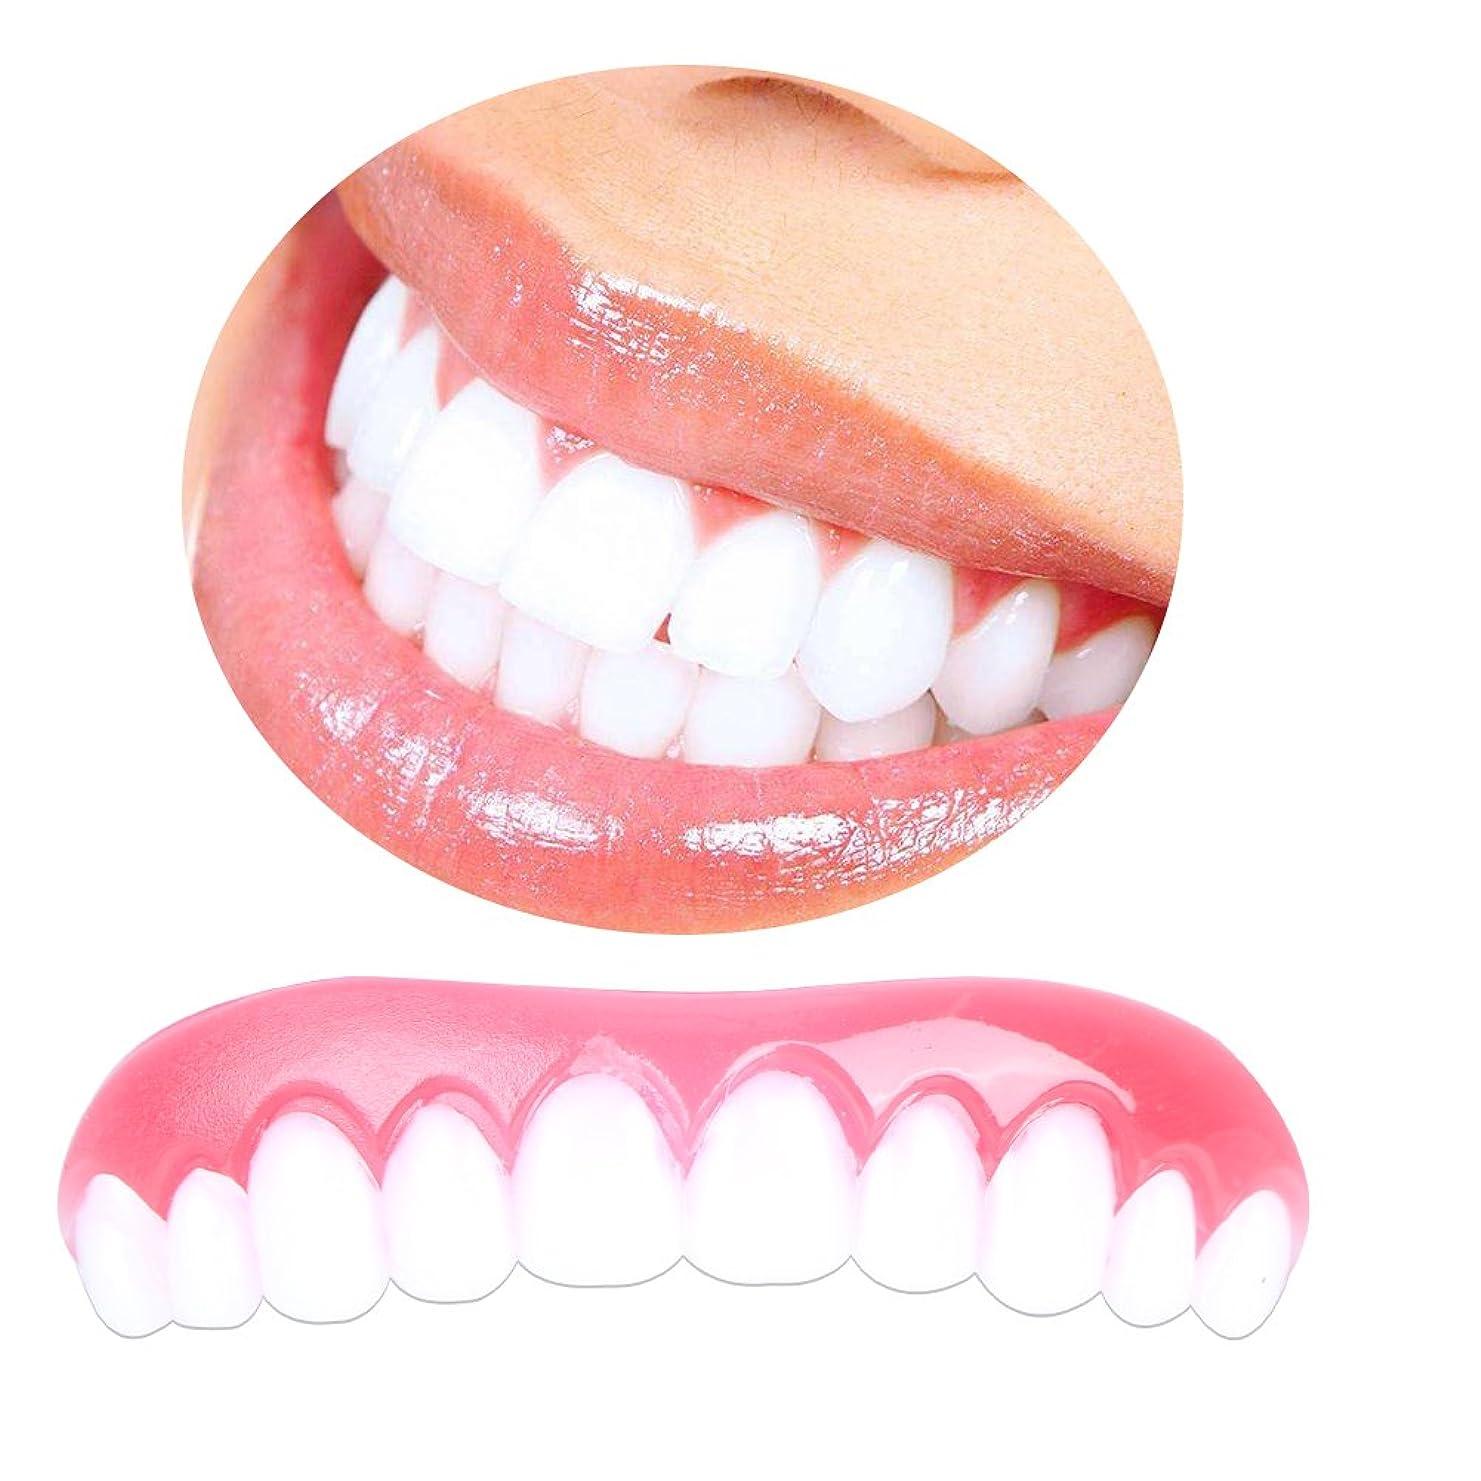 吹雪目に見える叫び声2ピースコンフォートフィットフレックス化粧品の歯完璧な笑顔のベニヤダブの歯の修正のための歯の修正のための完璧な笑顔のベニヤの歯のホワイトニング